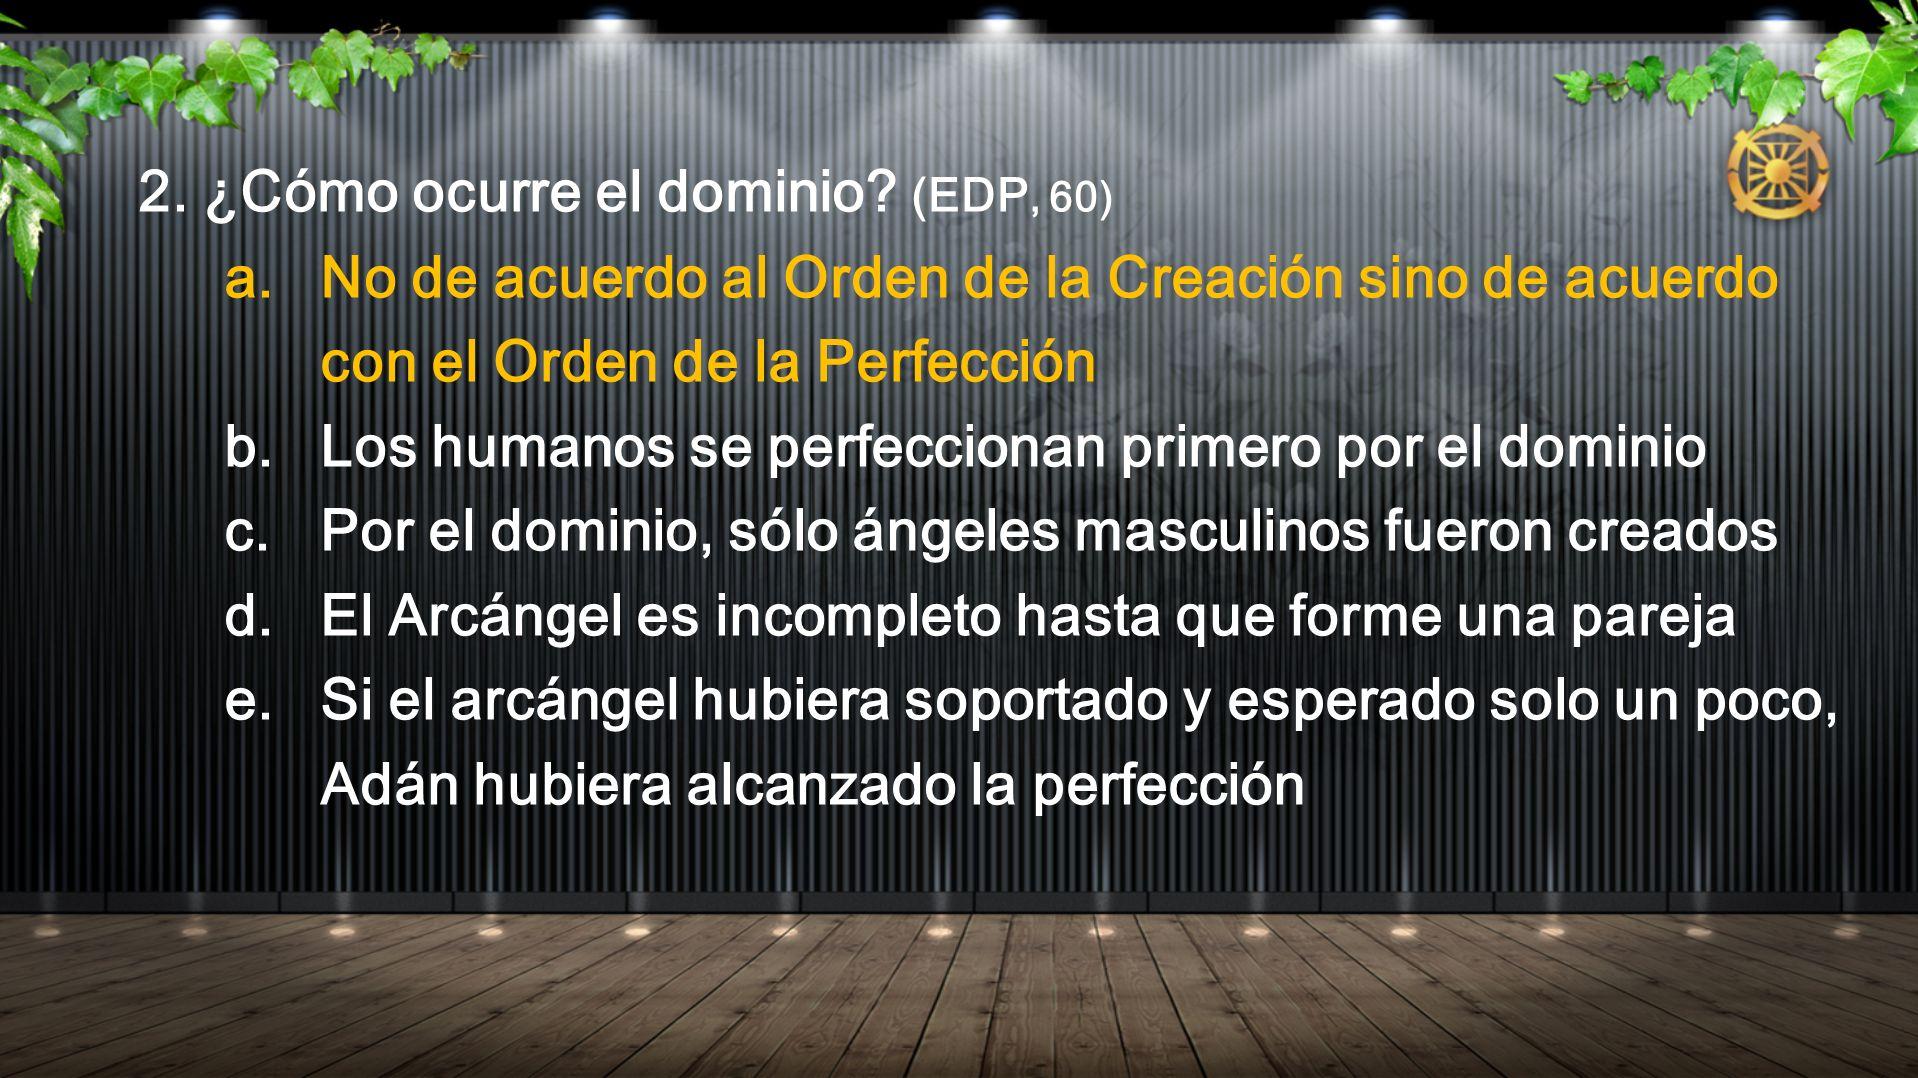 2. ¿Cómo ocurre el dominio? (EDP, 60) a. No de acuerdo al Orden de la Creación sino de acuerdo con el Orden de la Perfección b. Los humanos se perfecc